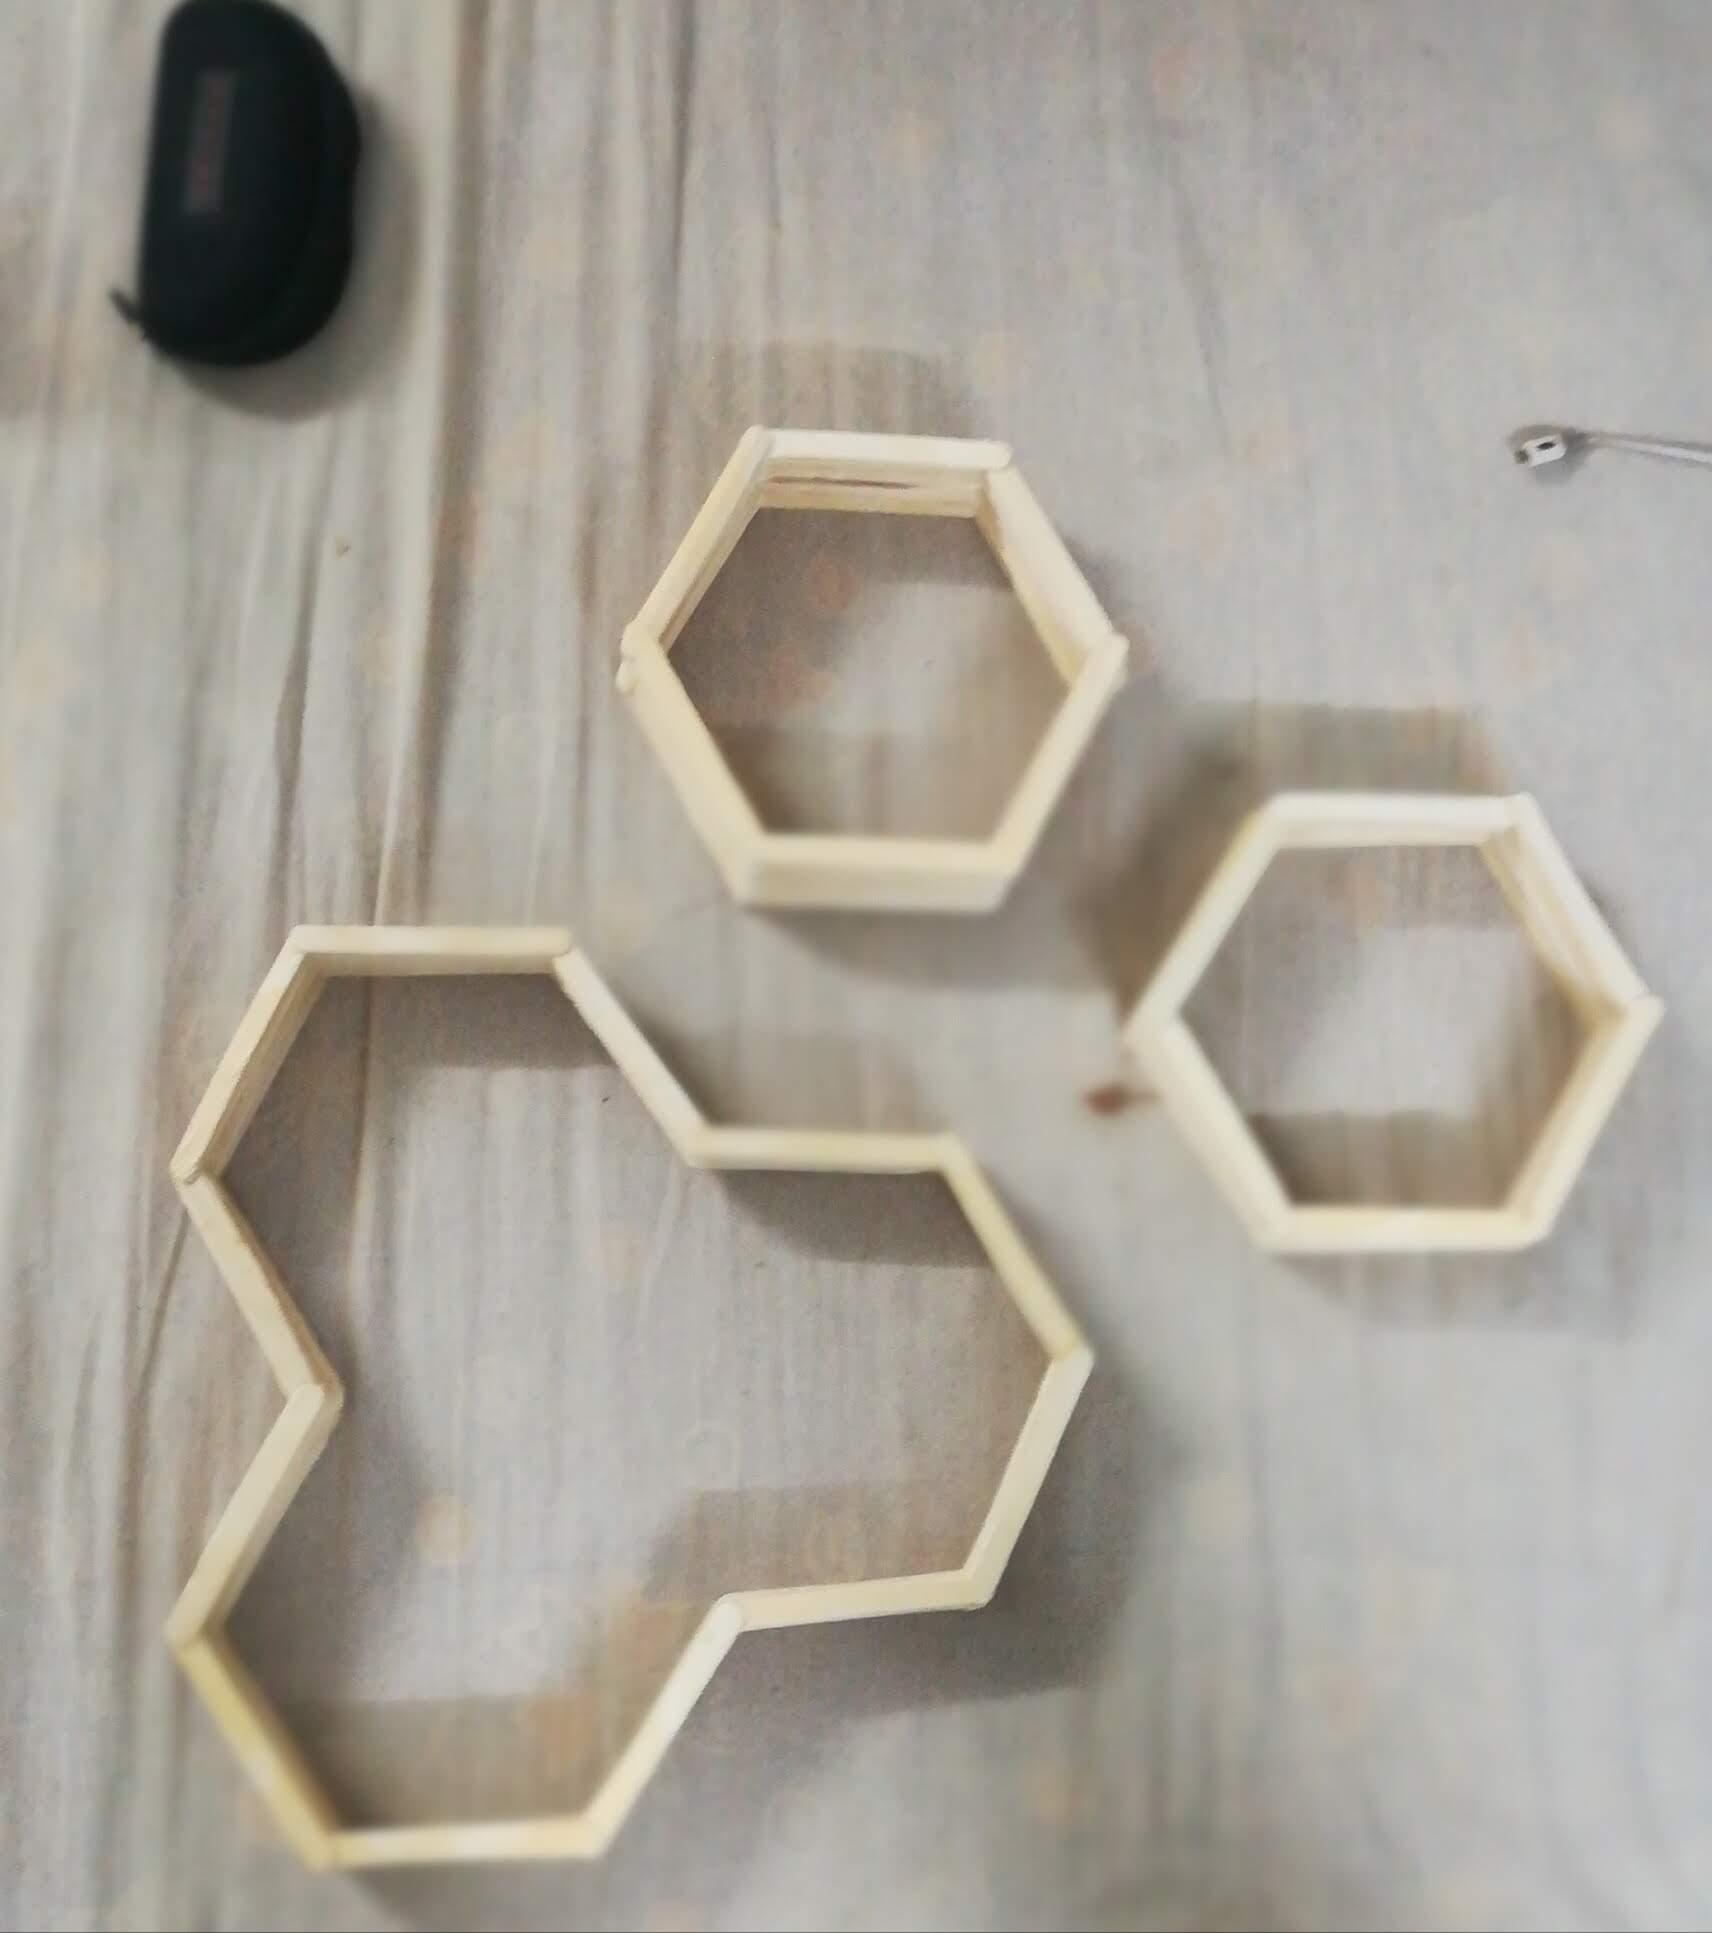 Hexagonal wood sticks wall art